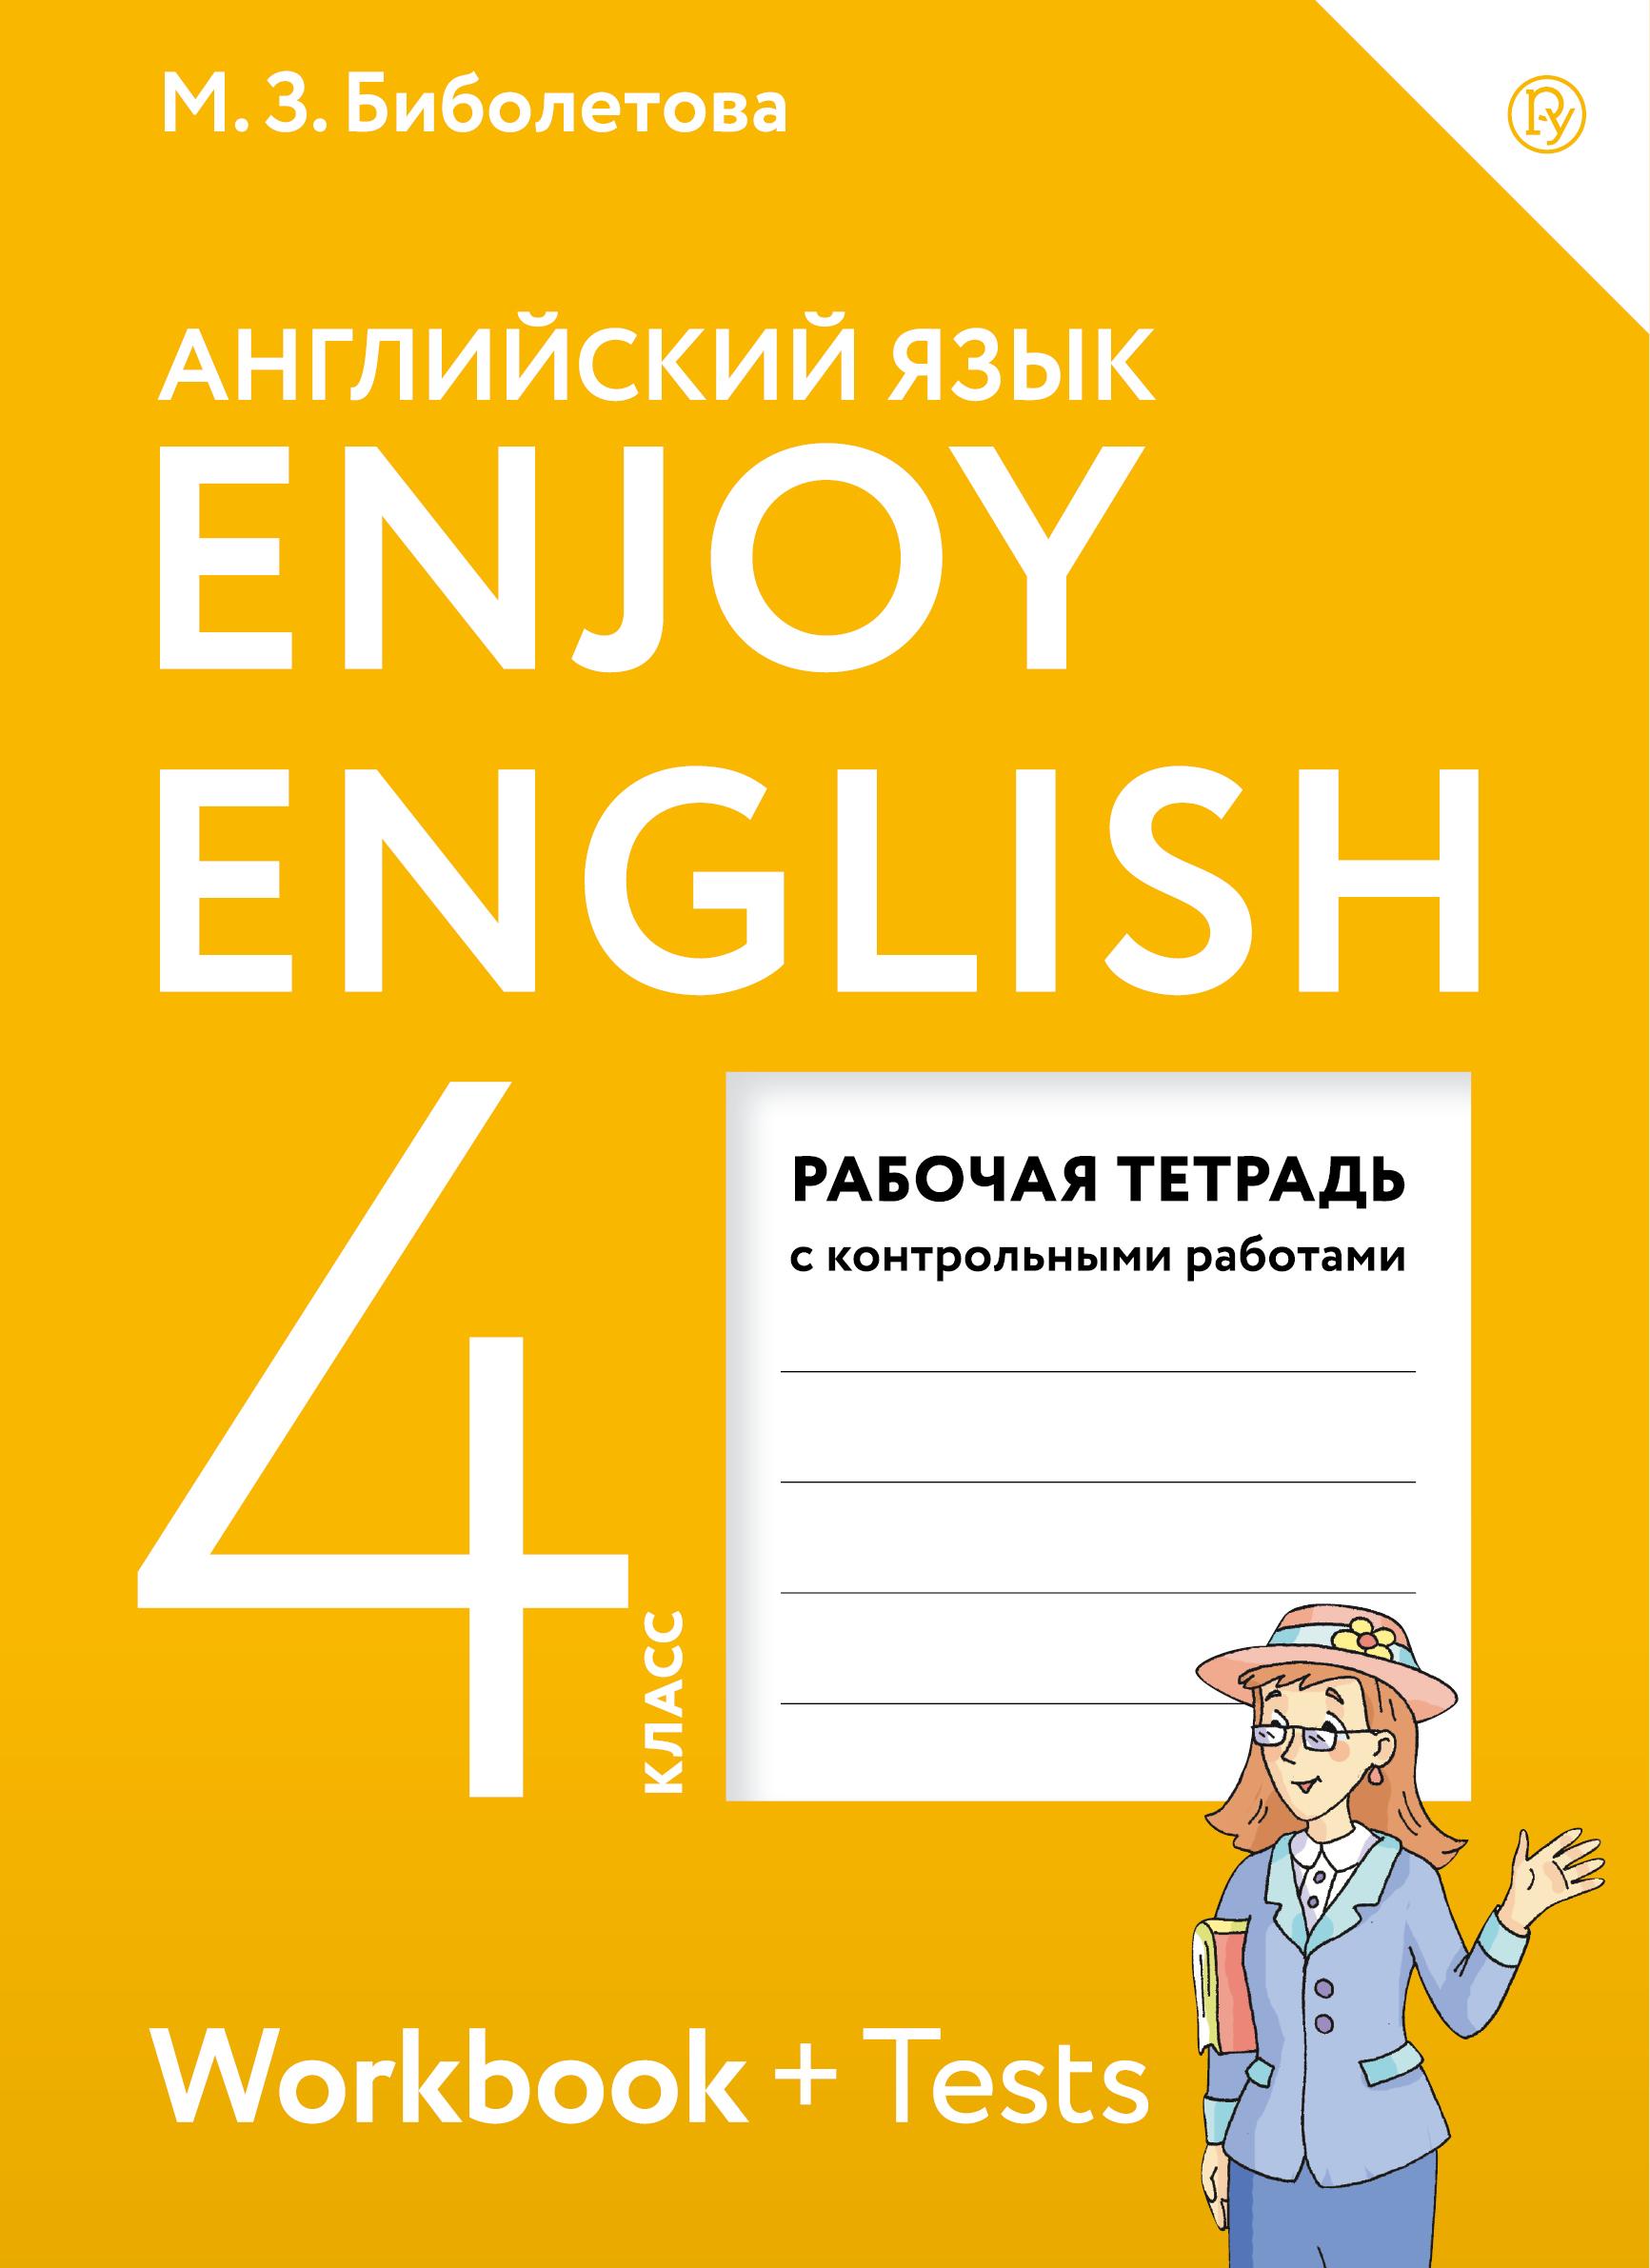 Рабочая тетрадь по английскому языку 4 класс биболетова ответы скачать